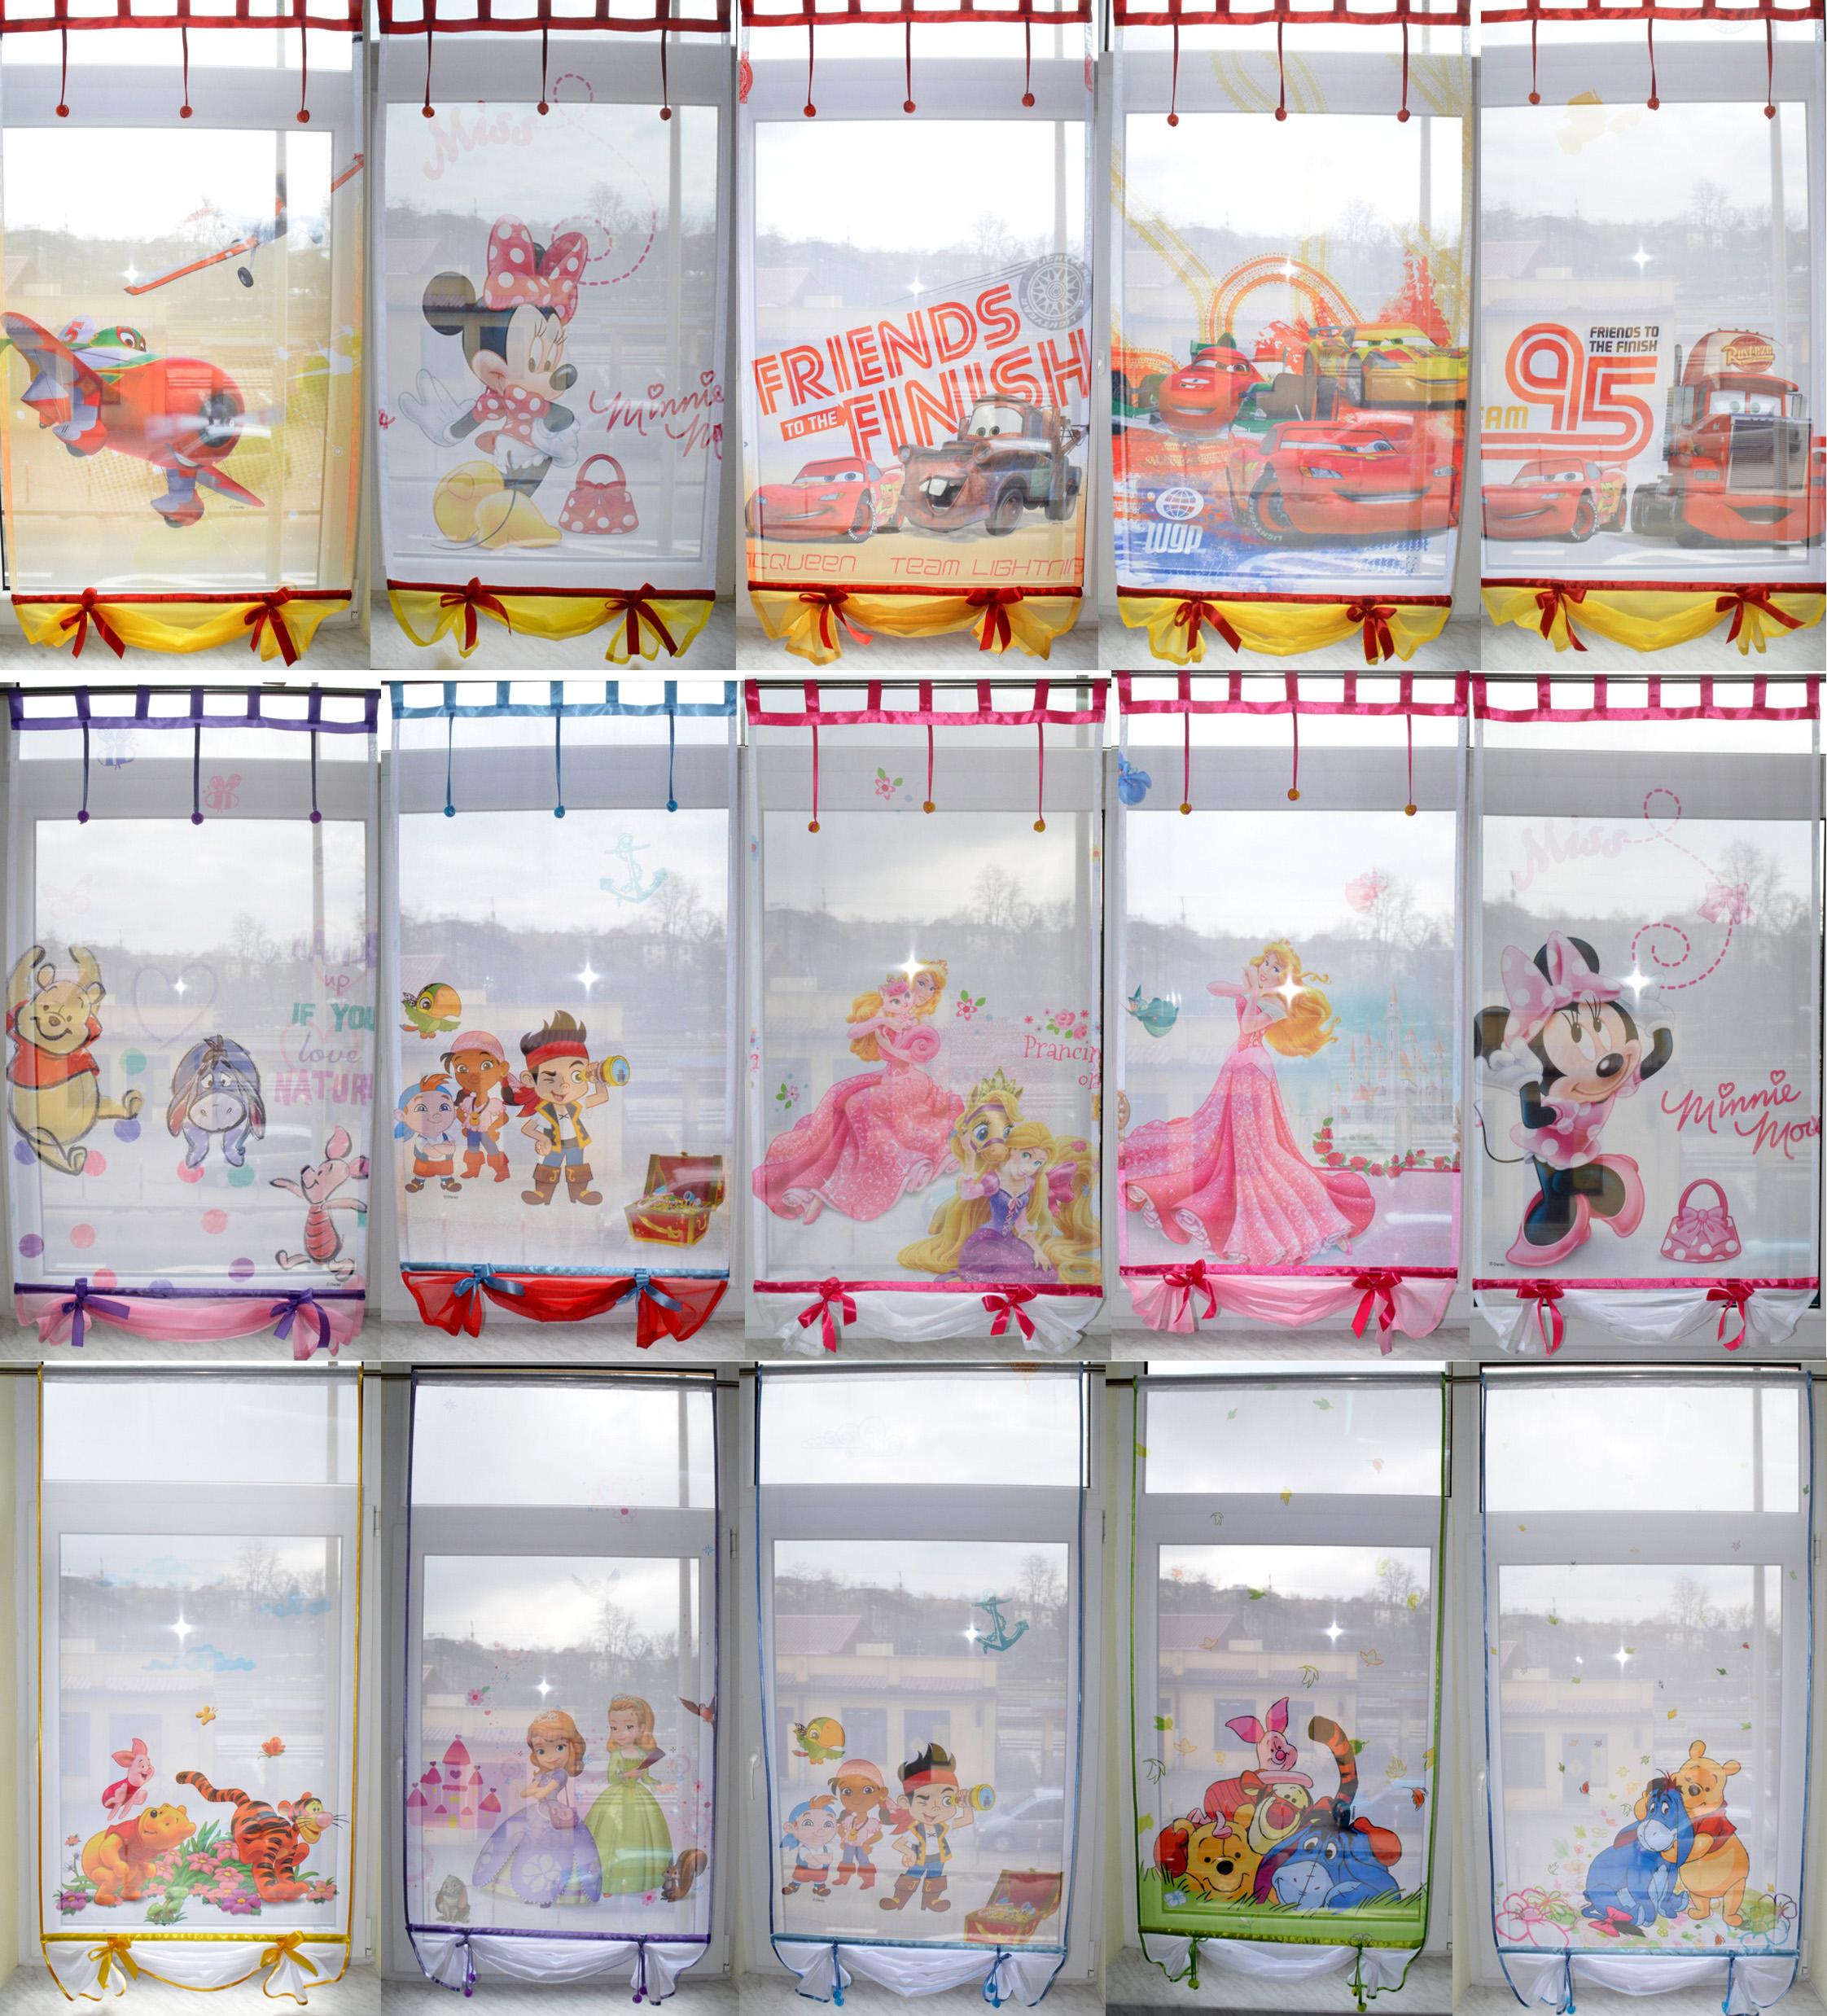 Full Size of Scheibengardinen Kinderzimmer Disney Minnie Mouse Gardine Kindergardine Baby Regal Regale Sofa Küche Weiß Kinderzimmer Scheibengardinen Kinderzimmer